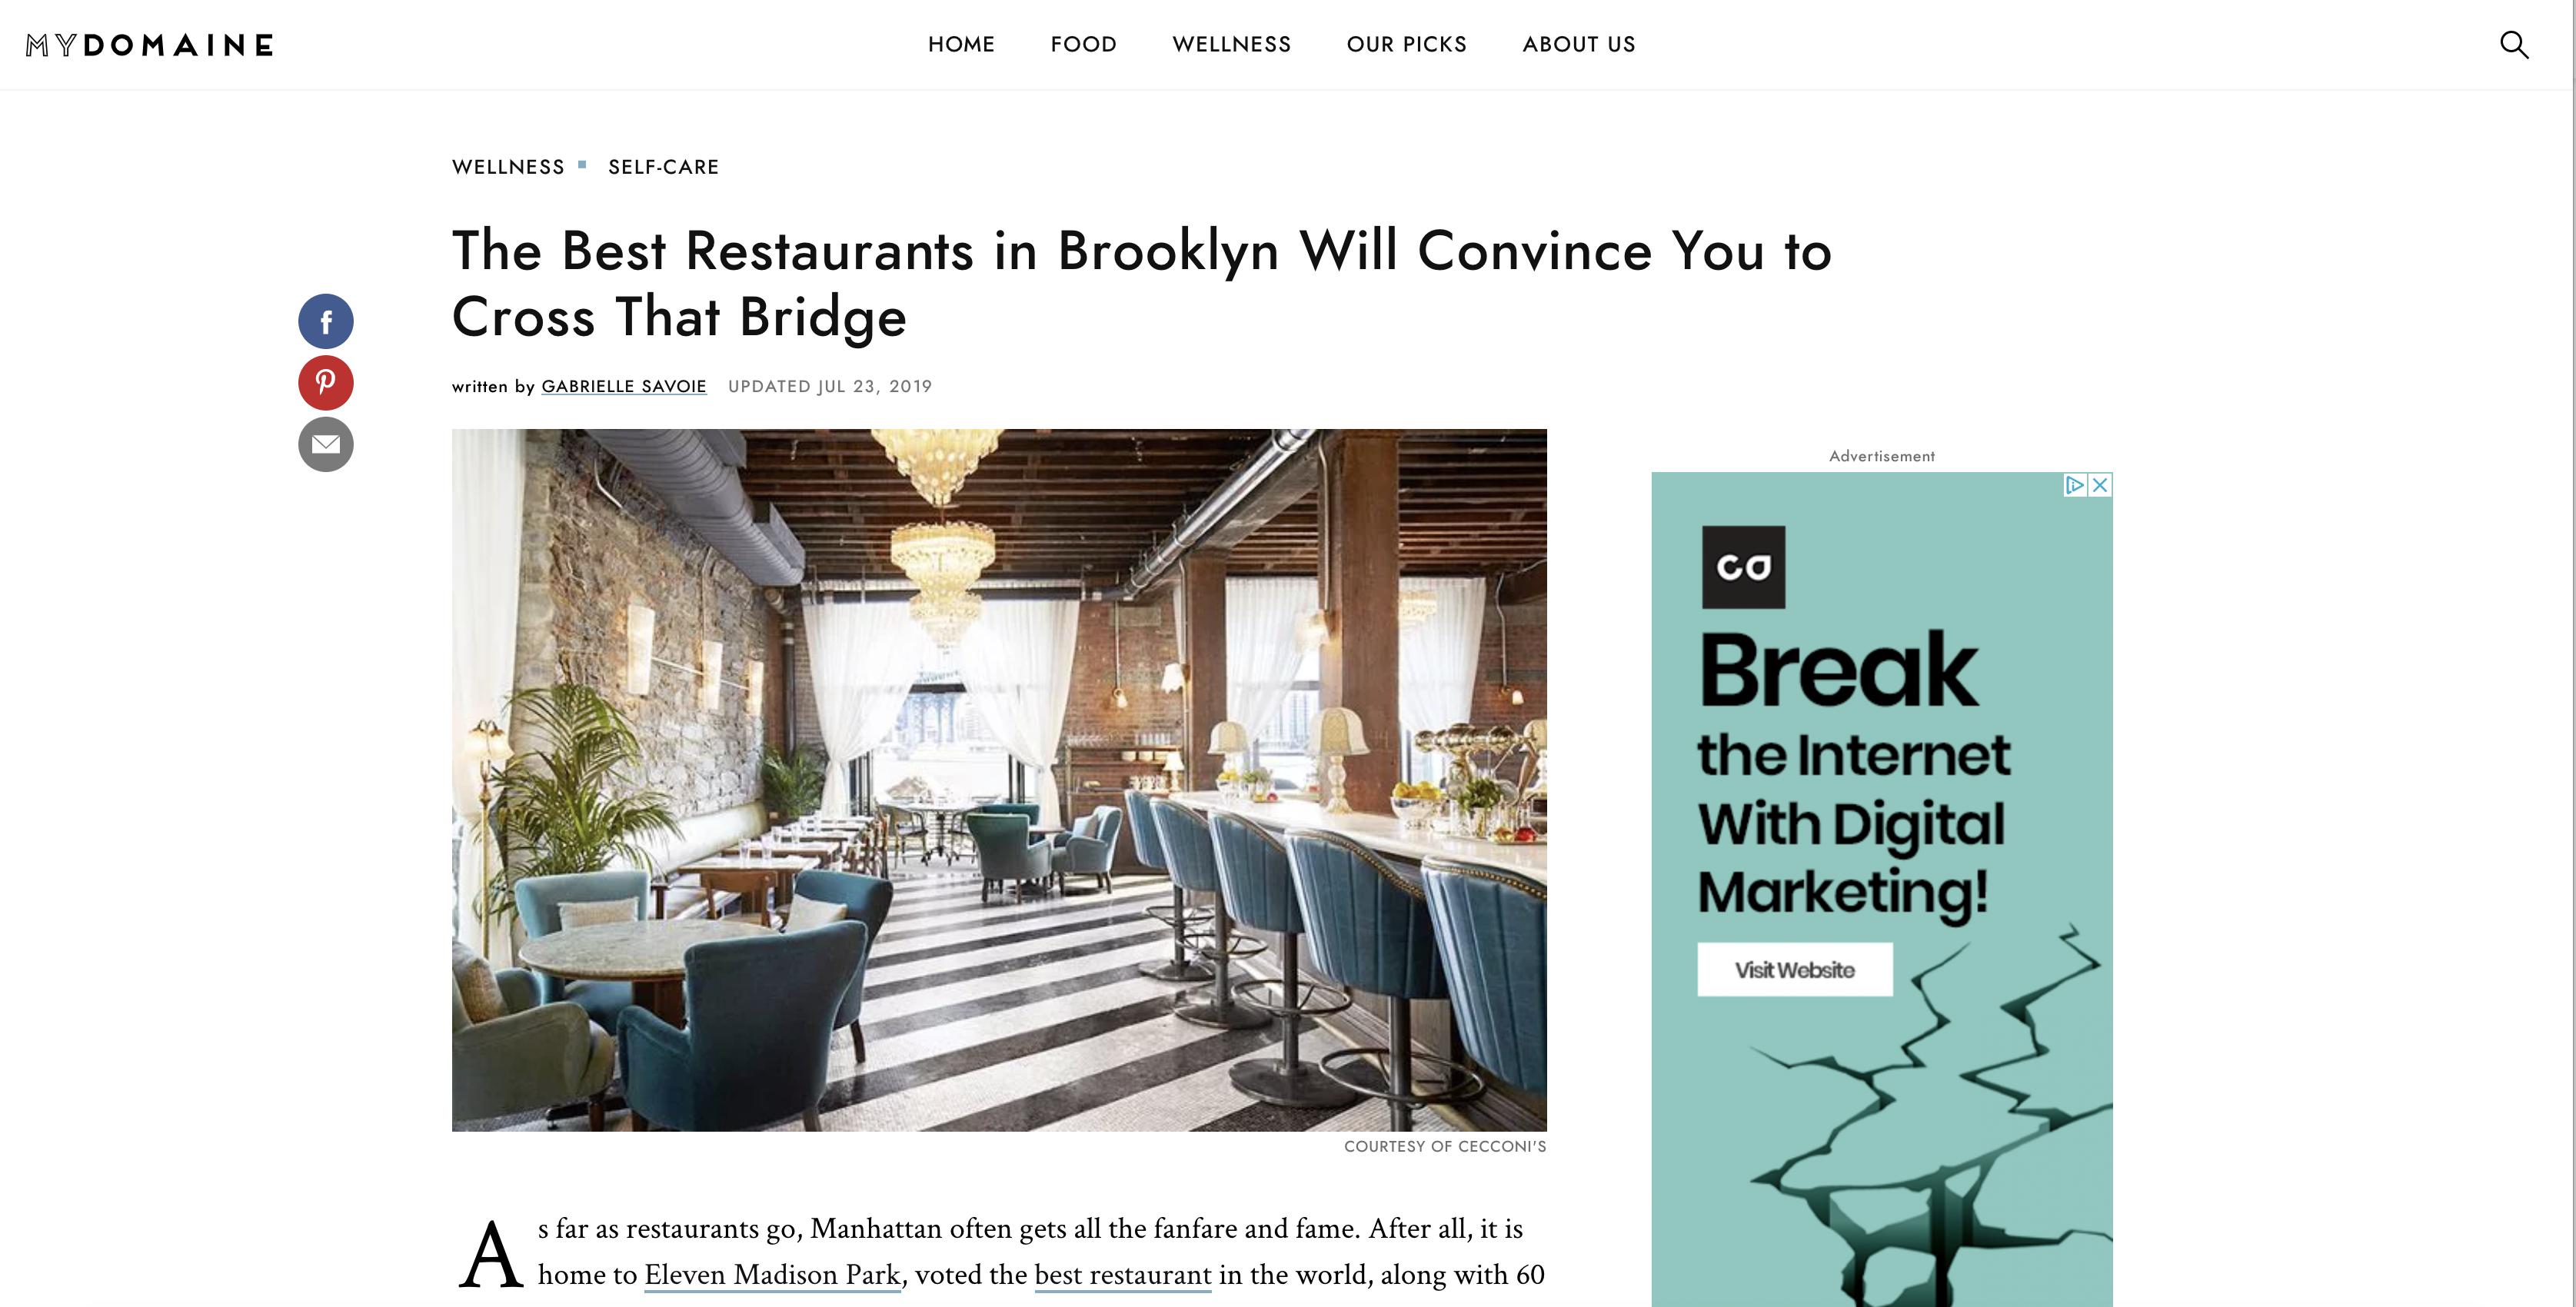 Best Restaurants Listicle screenshot